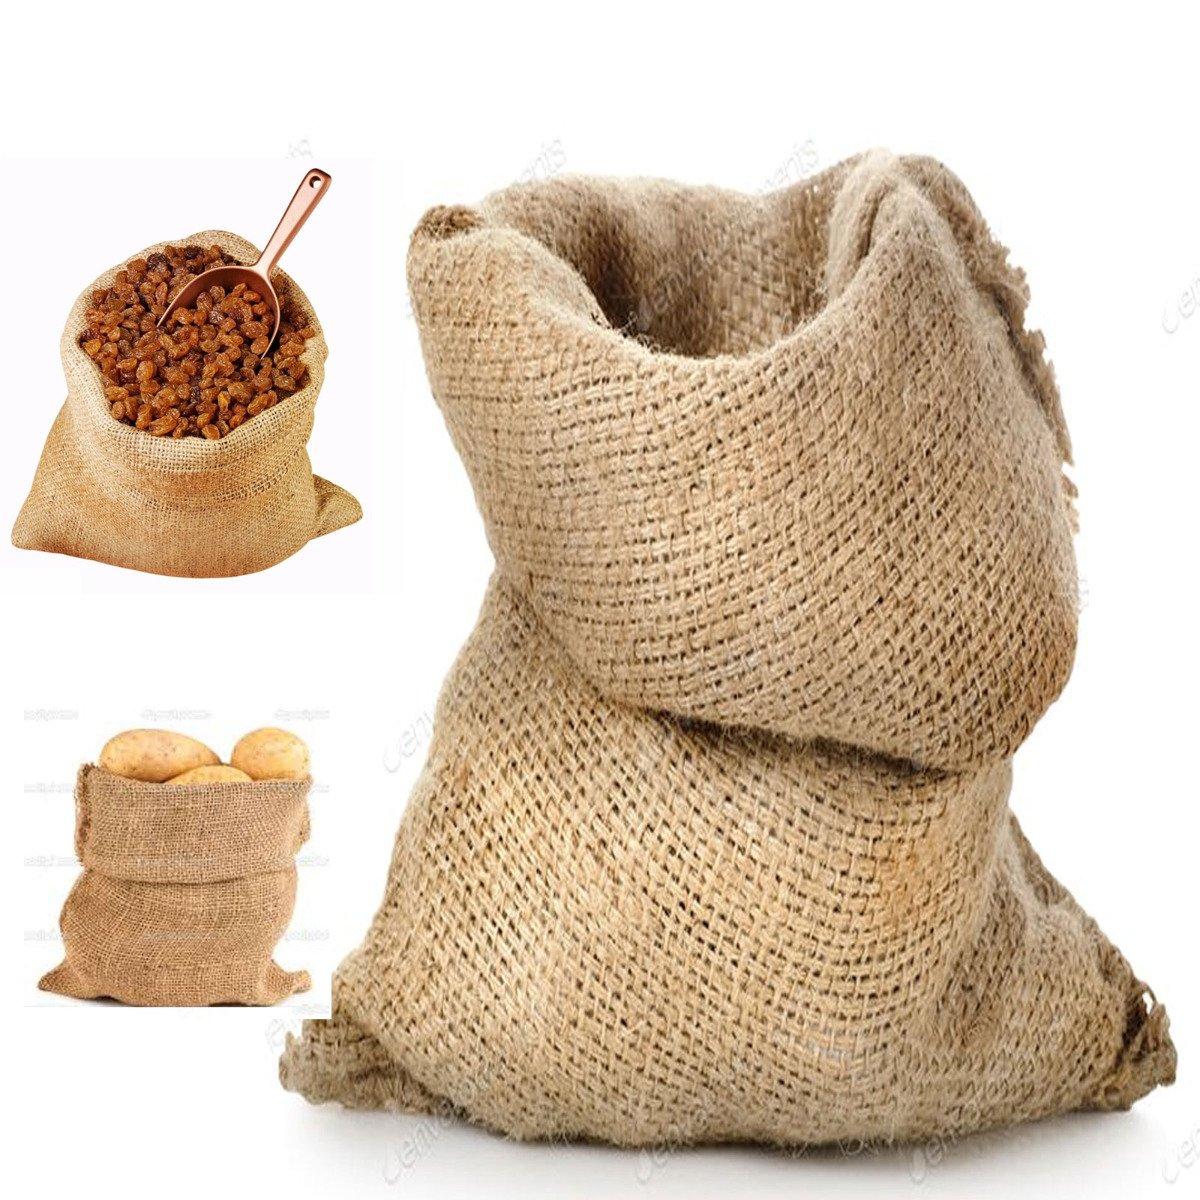 Sacco Juta 40x70 neutro naturale caffè cereali tela yuta regali 1 pezzo STI